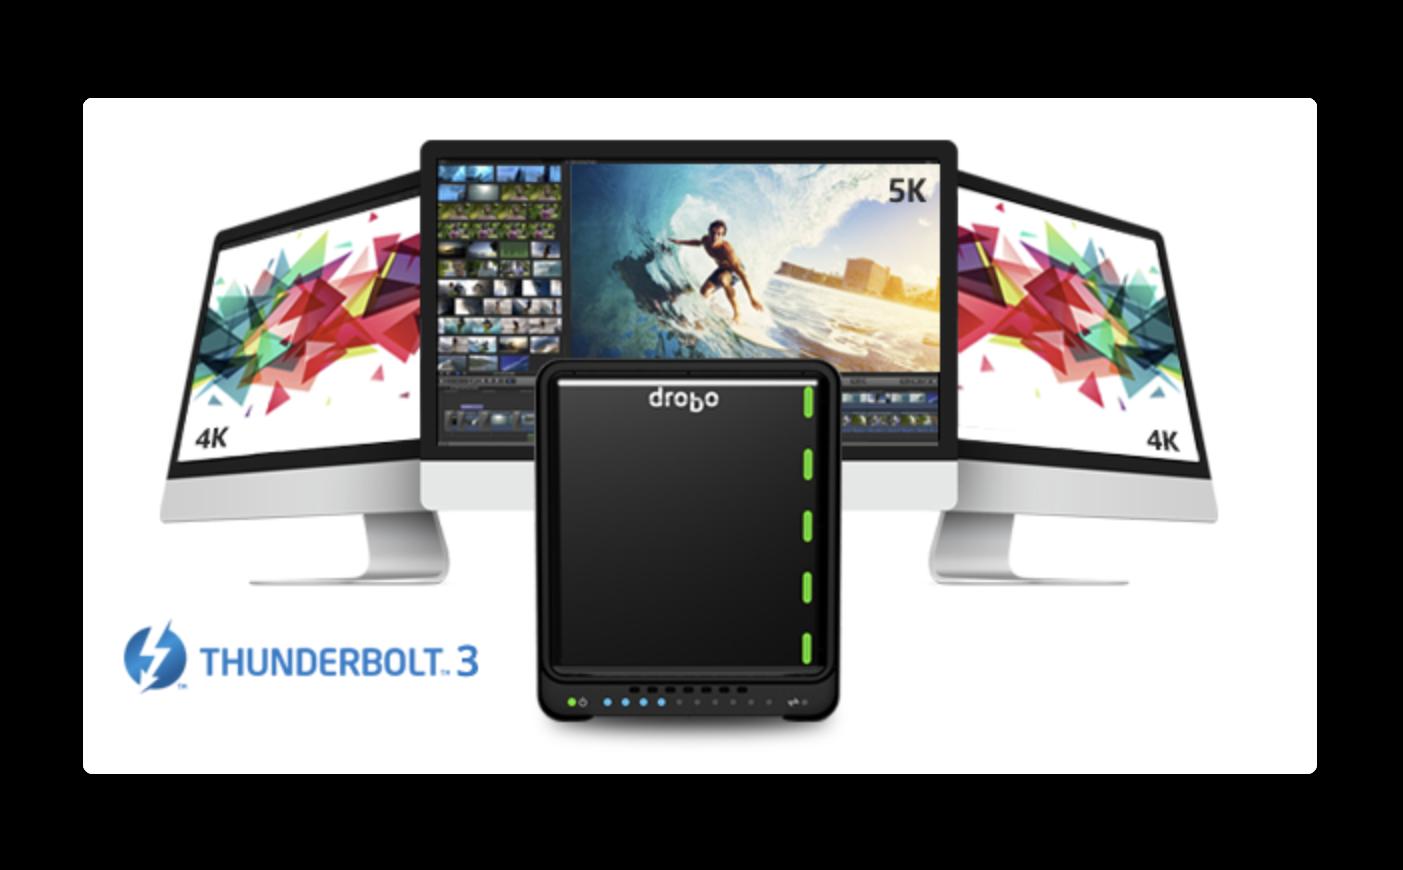 【レビュー】Thunderbolt3対応DAS型「Drobo 5D3」- Time Machineを設定